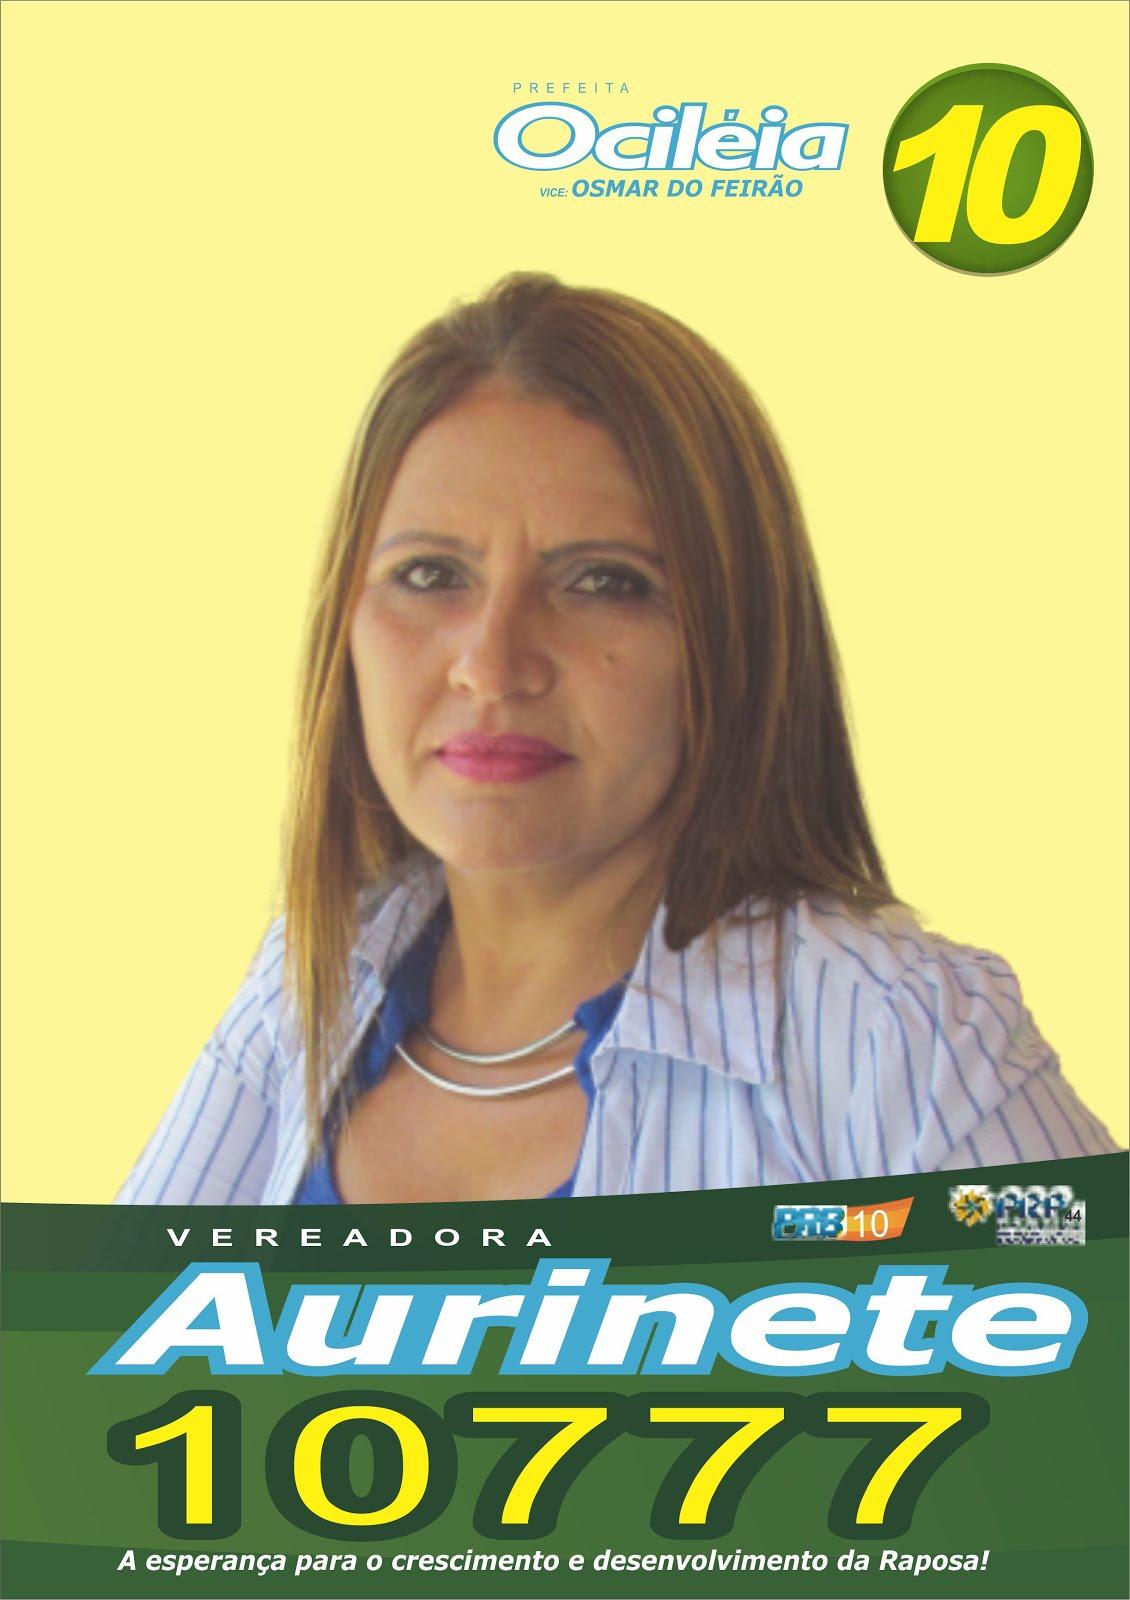 AURINETE 10777